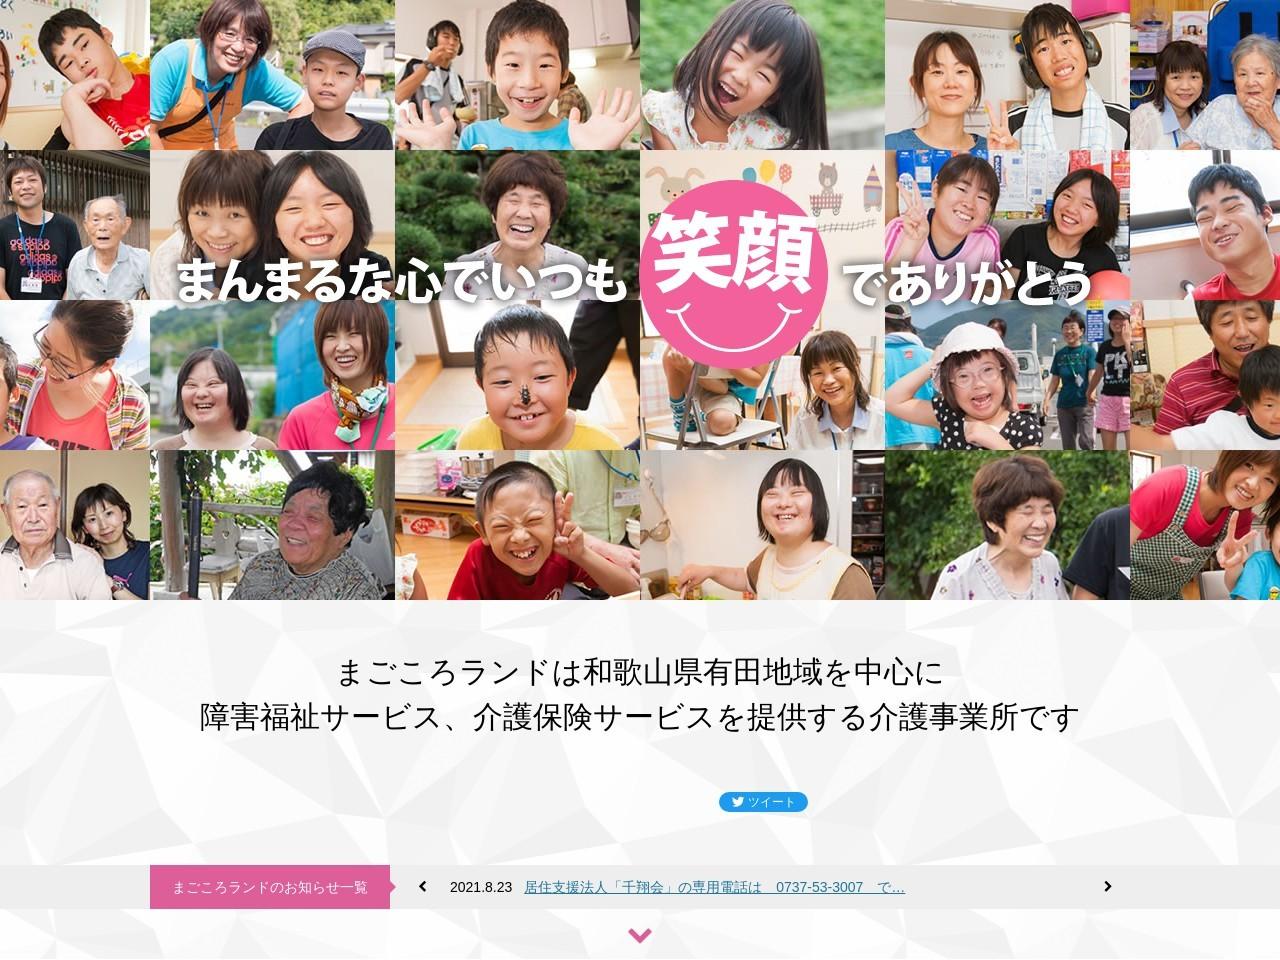 まごころランド | 和歌山県有田地域を中心に障害福祉サービス、介護保険サービス、介護タクシーを提供する介護事業所です。